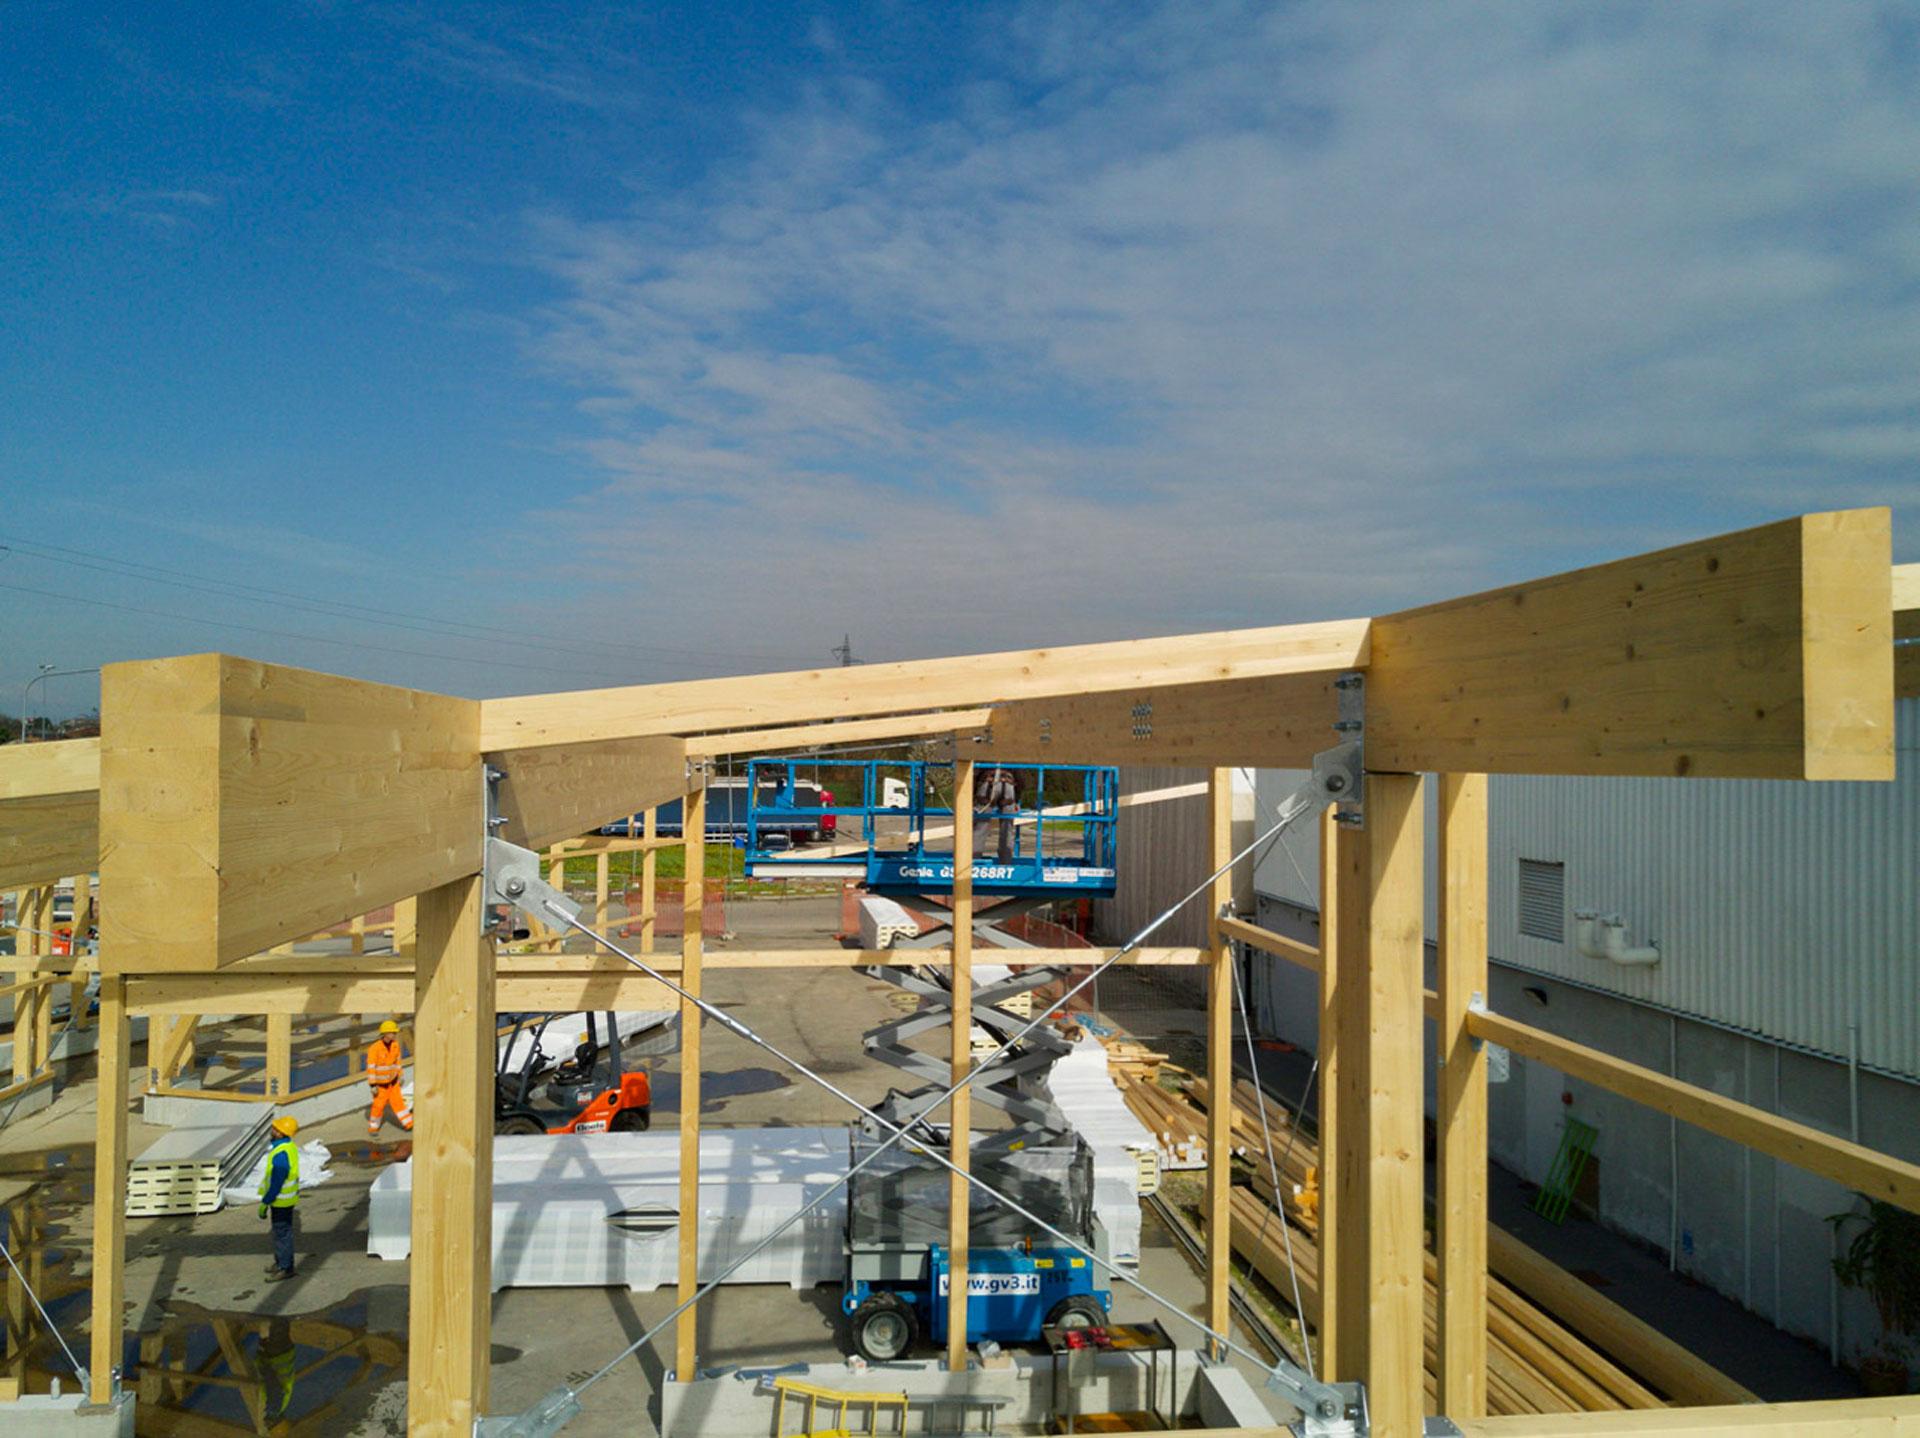 esperienza drone immagine aerea portfolio cantiere architettura milano studio gdmp costruzione magazzino sei 1.jpg